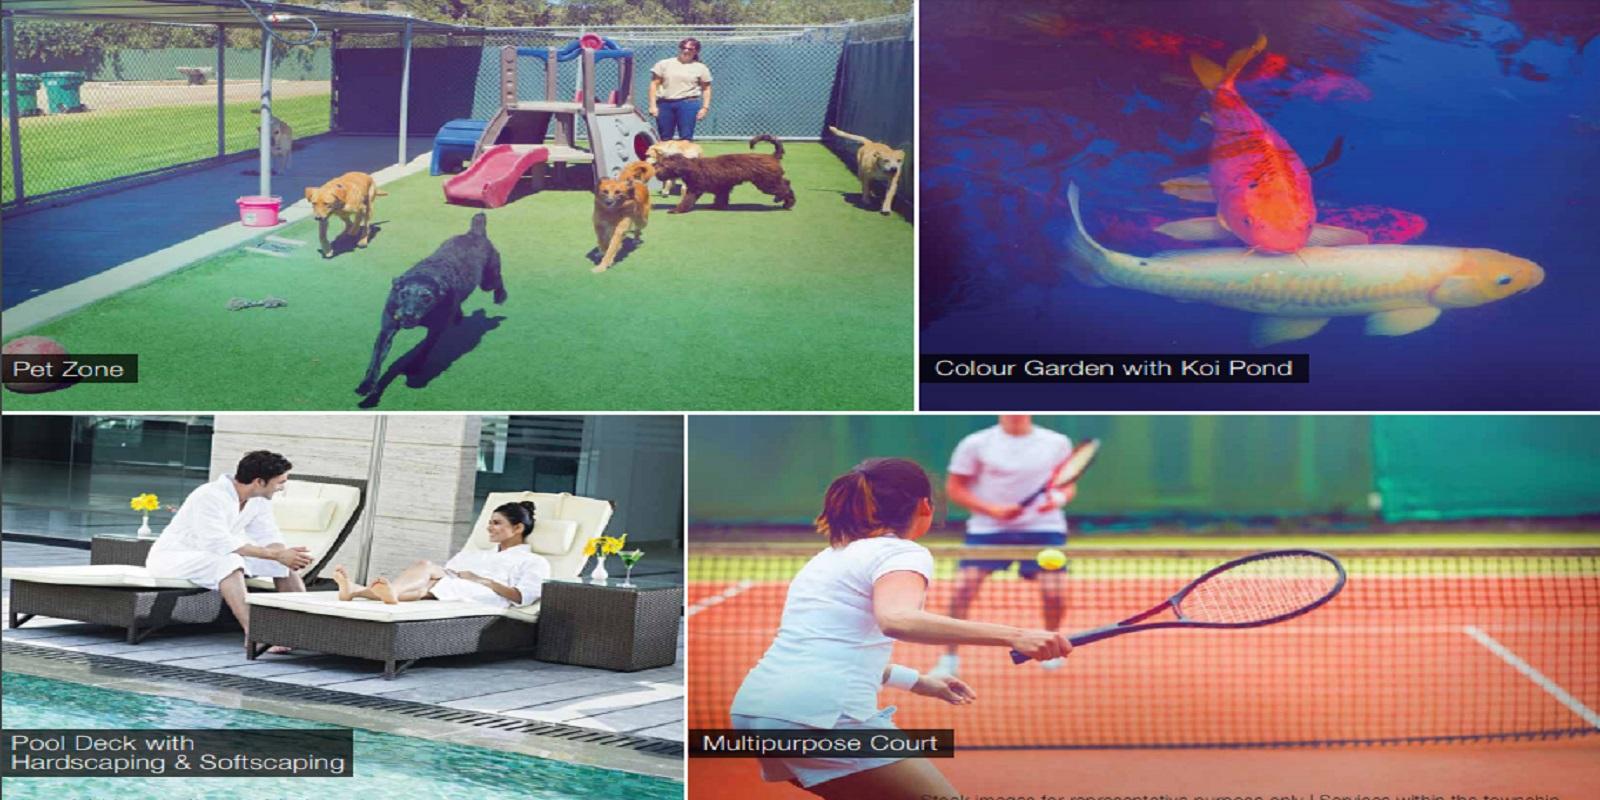 godrej golf link villas sports facilities image10